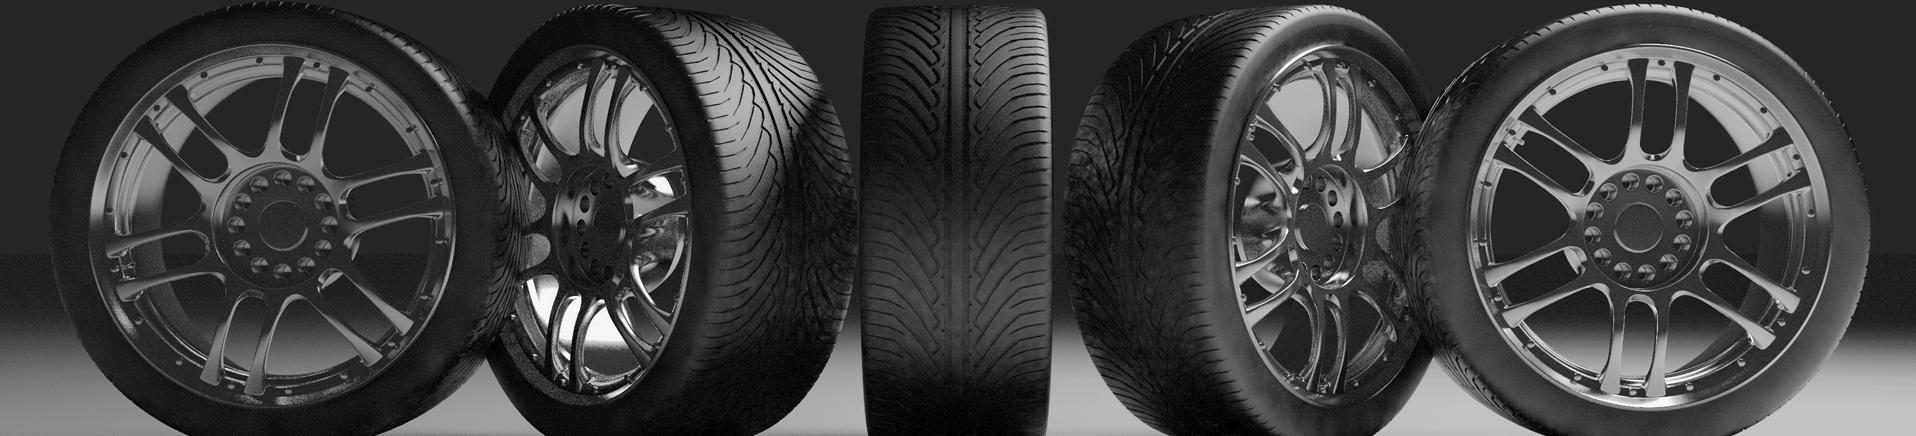 Porsche Tires Information